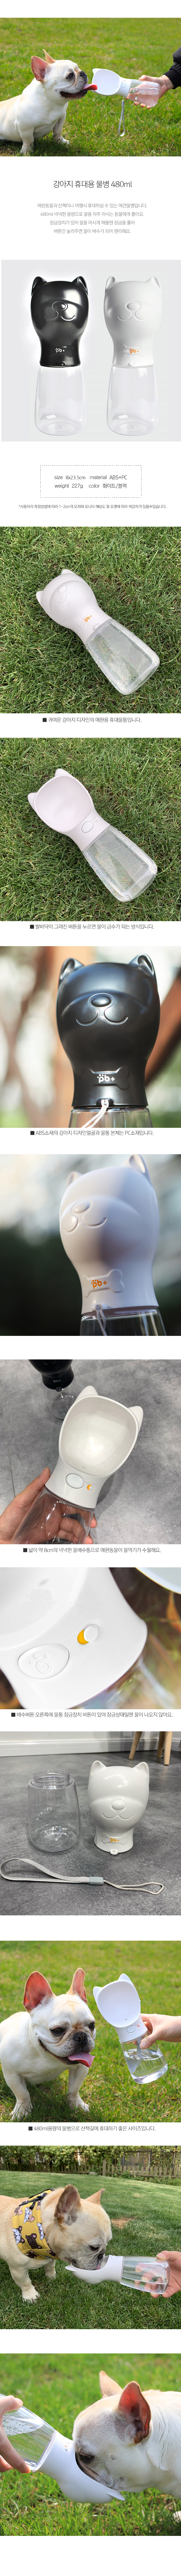 애완용 강아지 휴대용 물병 480ml - 이비자, 19,000원, 급수/급식기, 급수기/물병